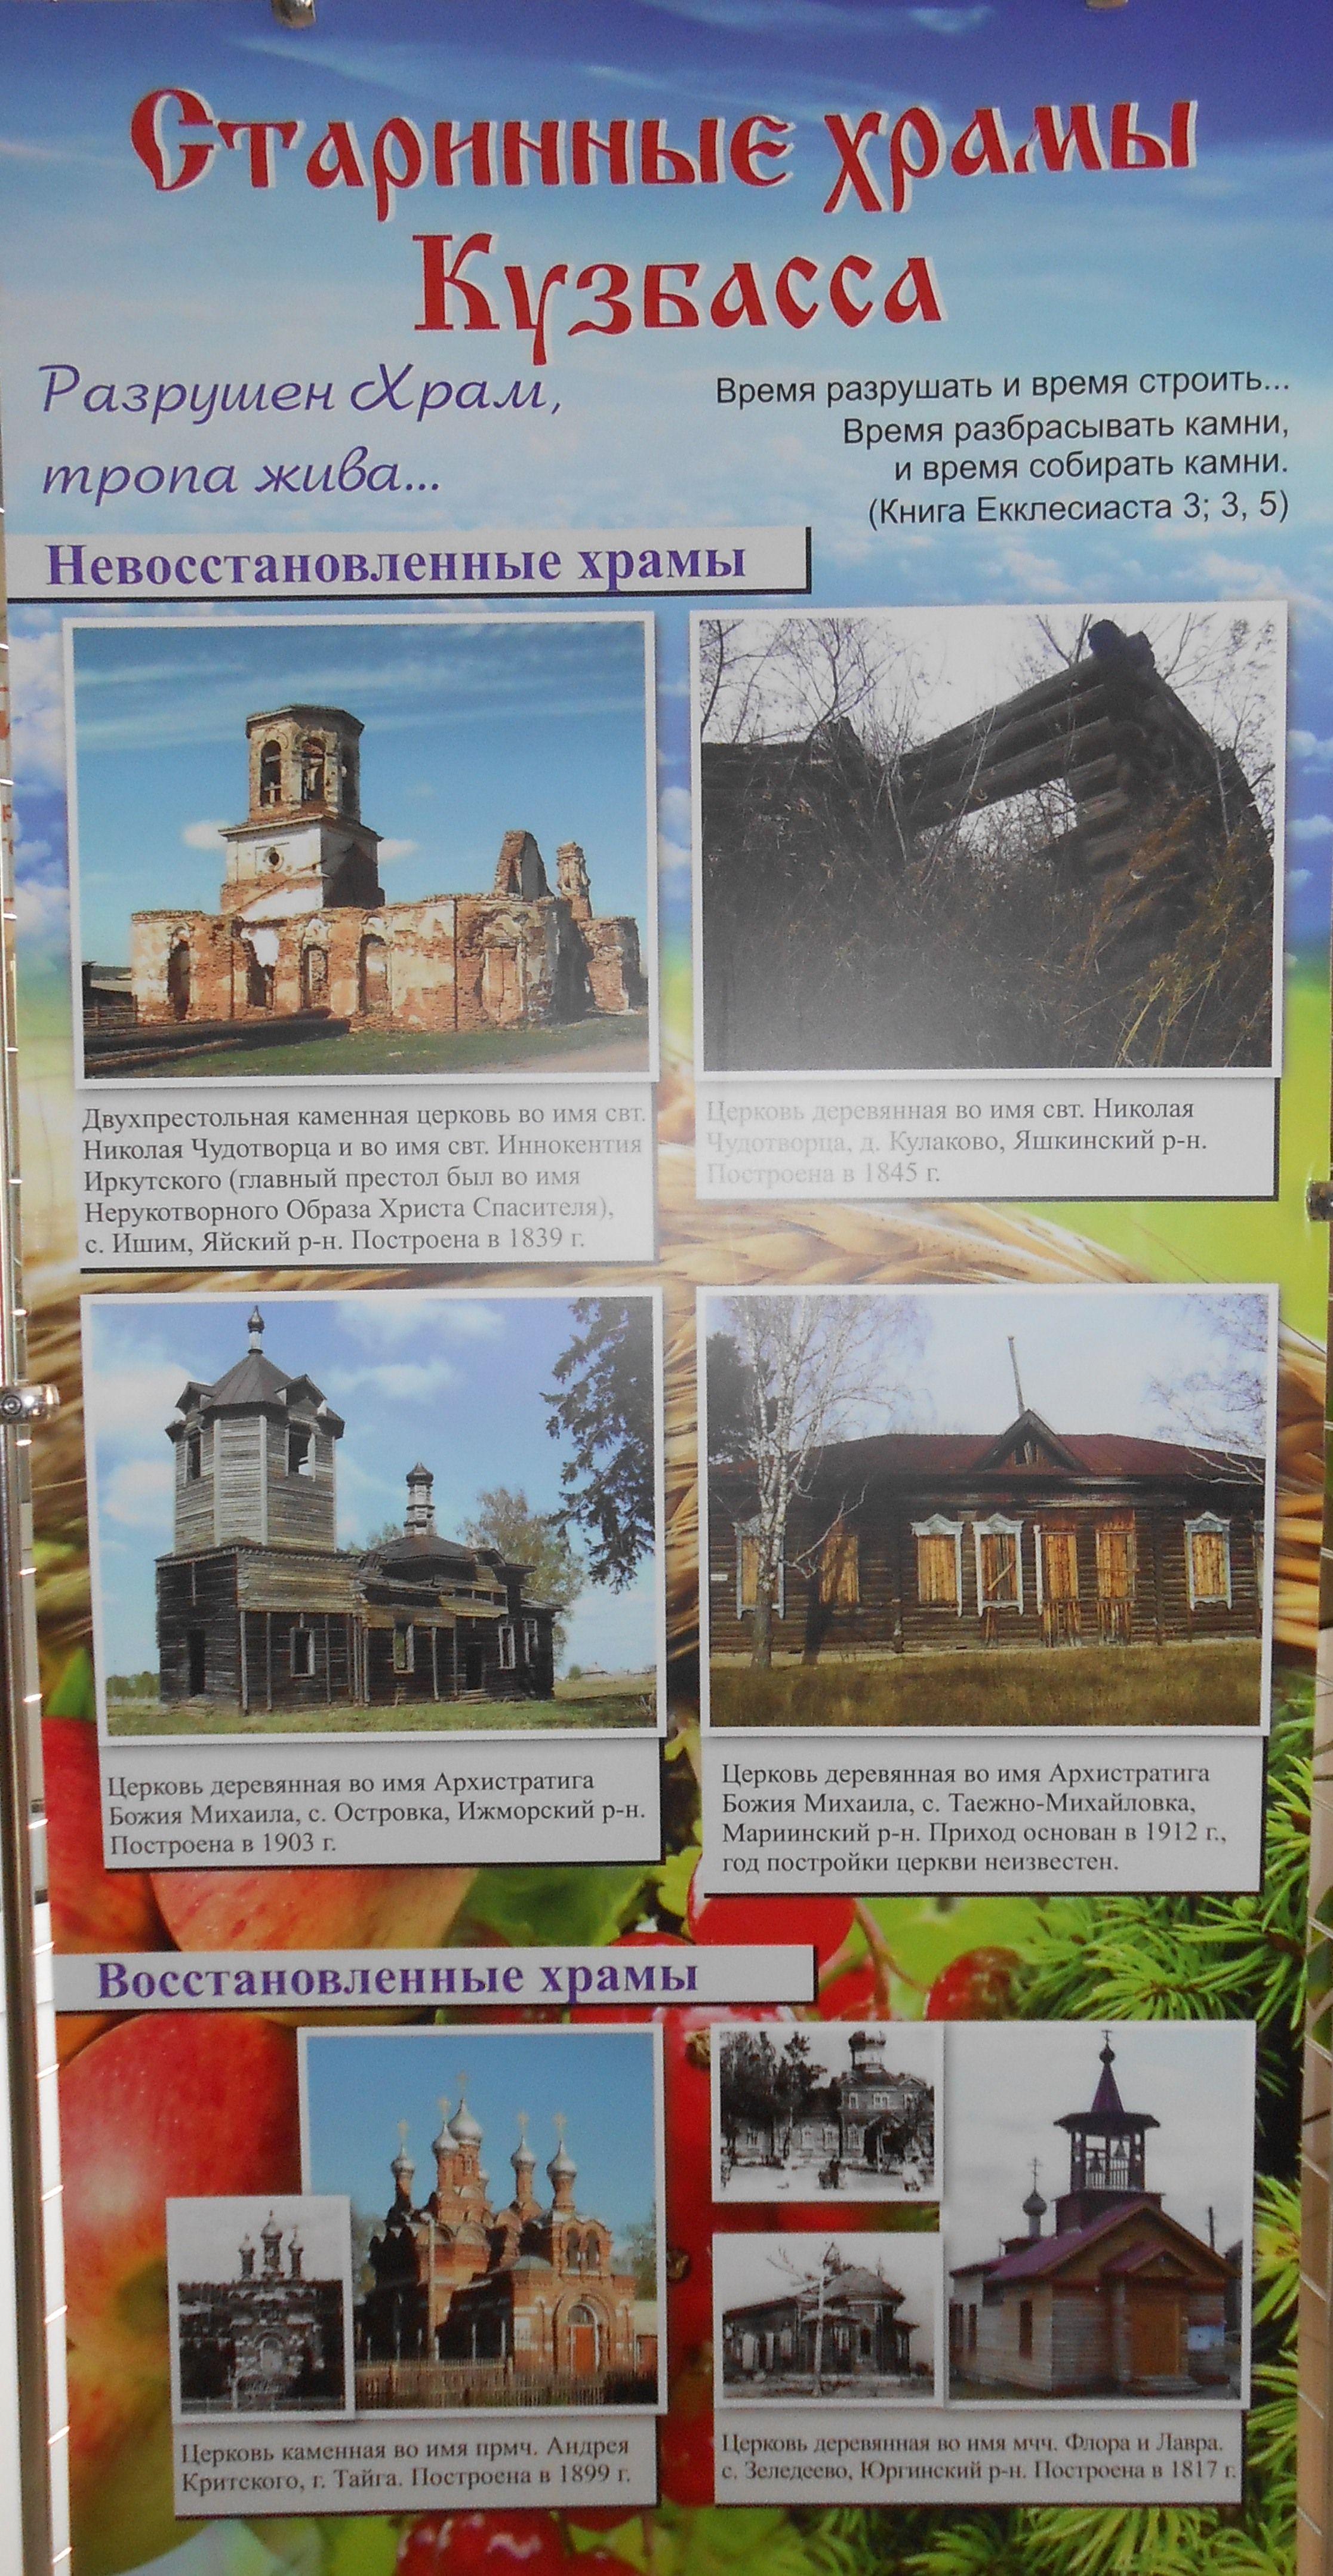 Старинные храмы Кузбасса